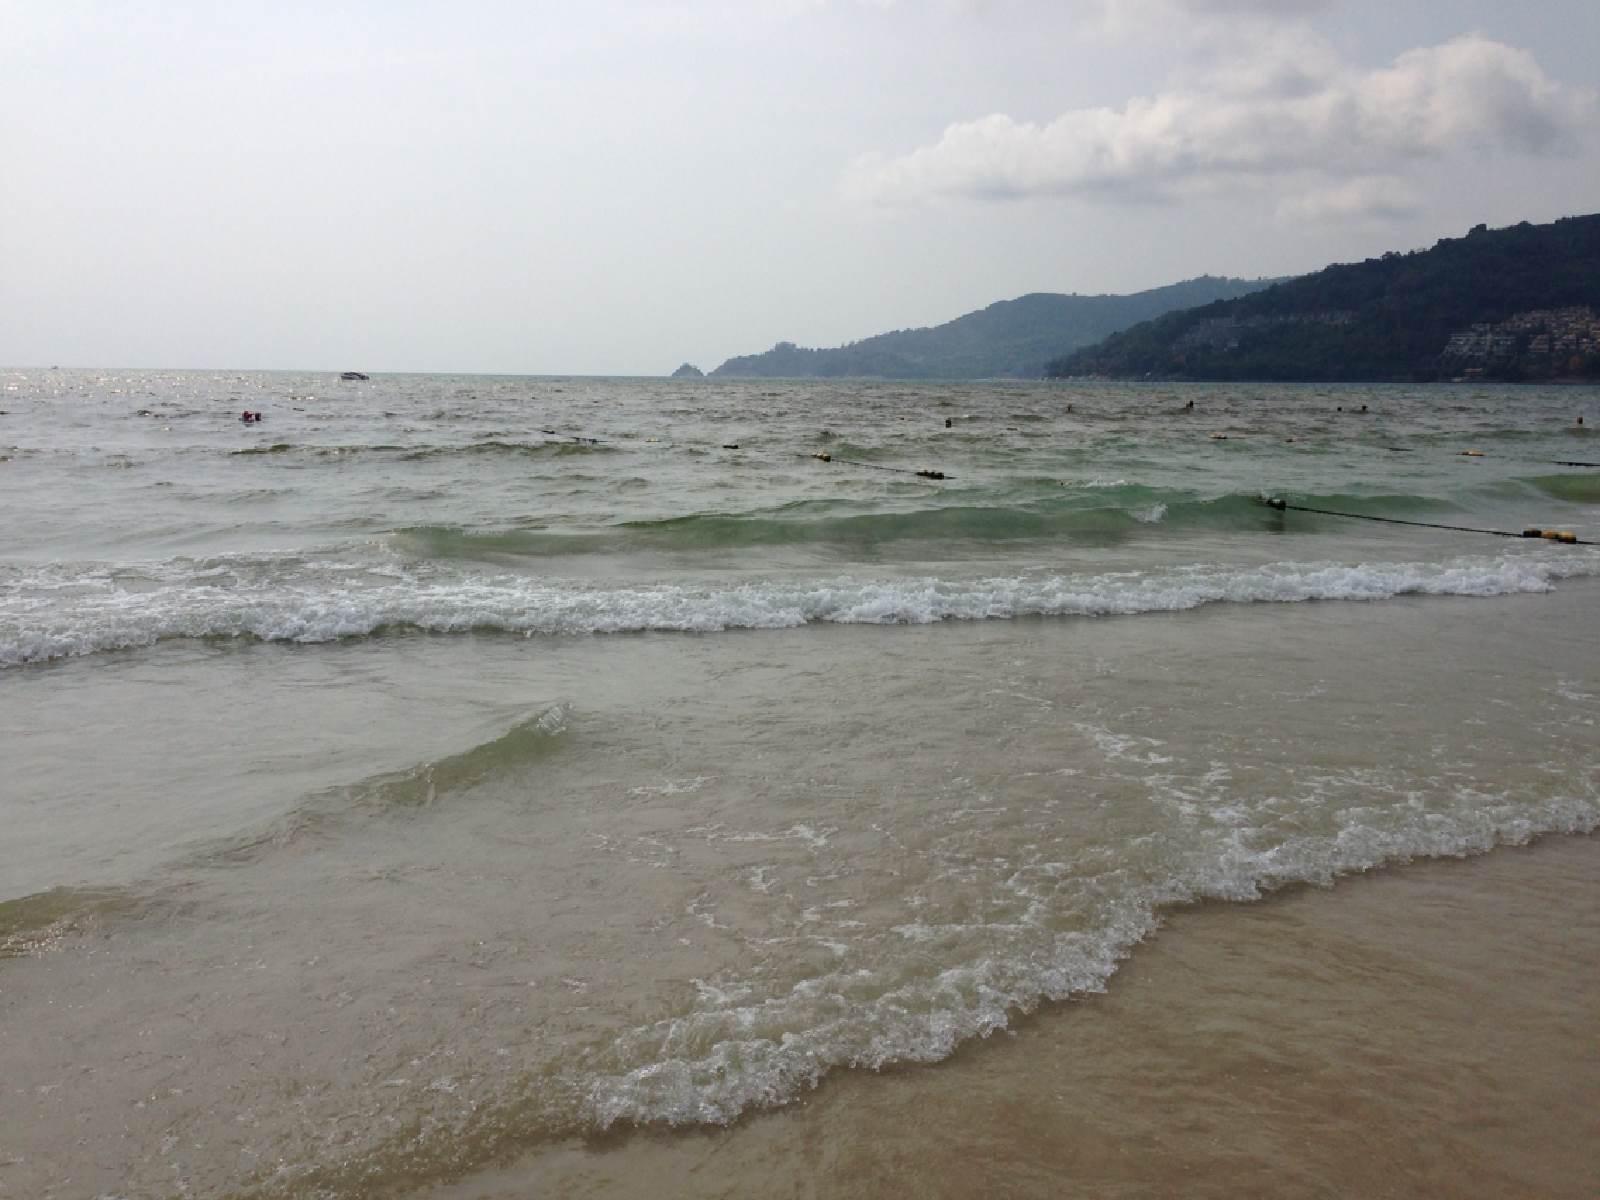 沙巴&泰国(普吉象岛芭堤雅曼谷)